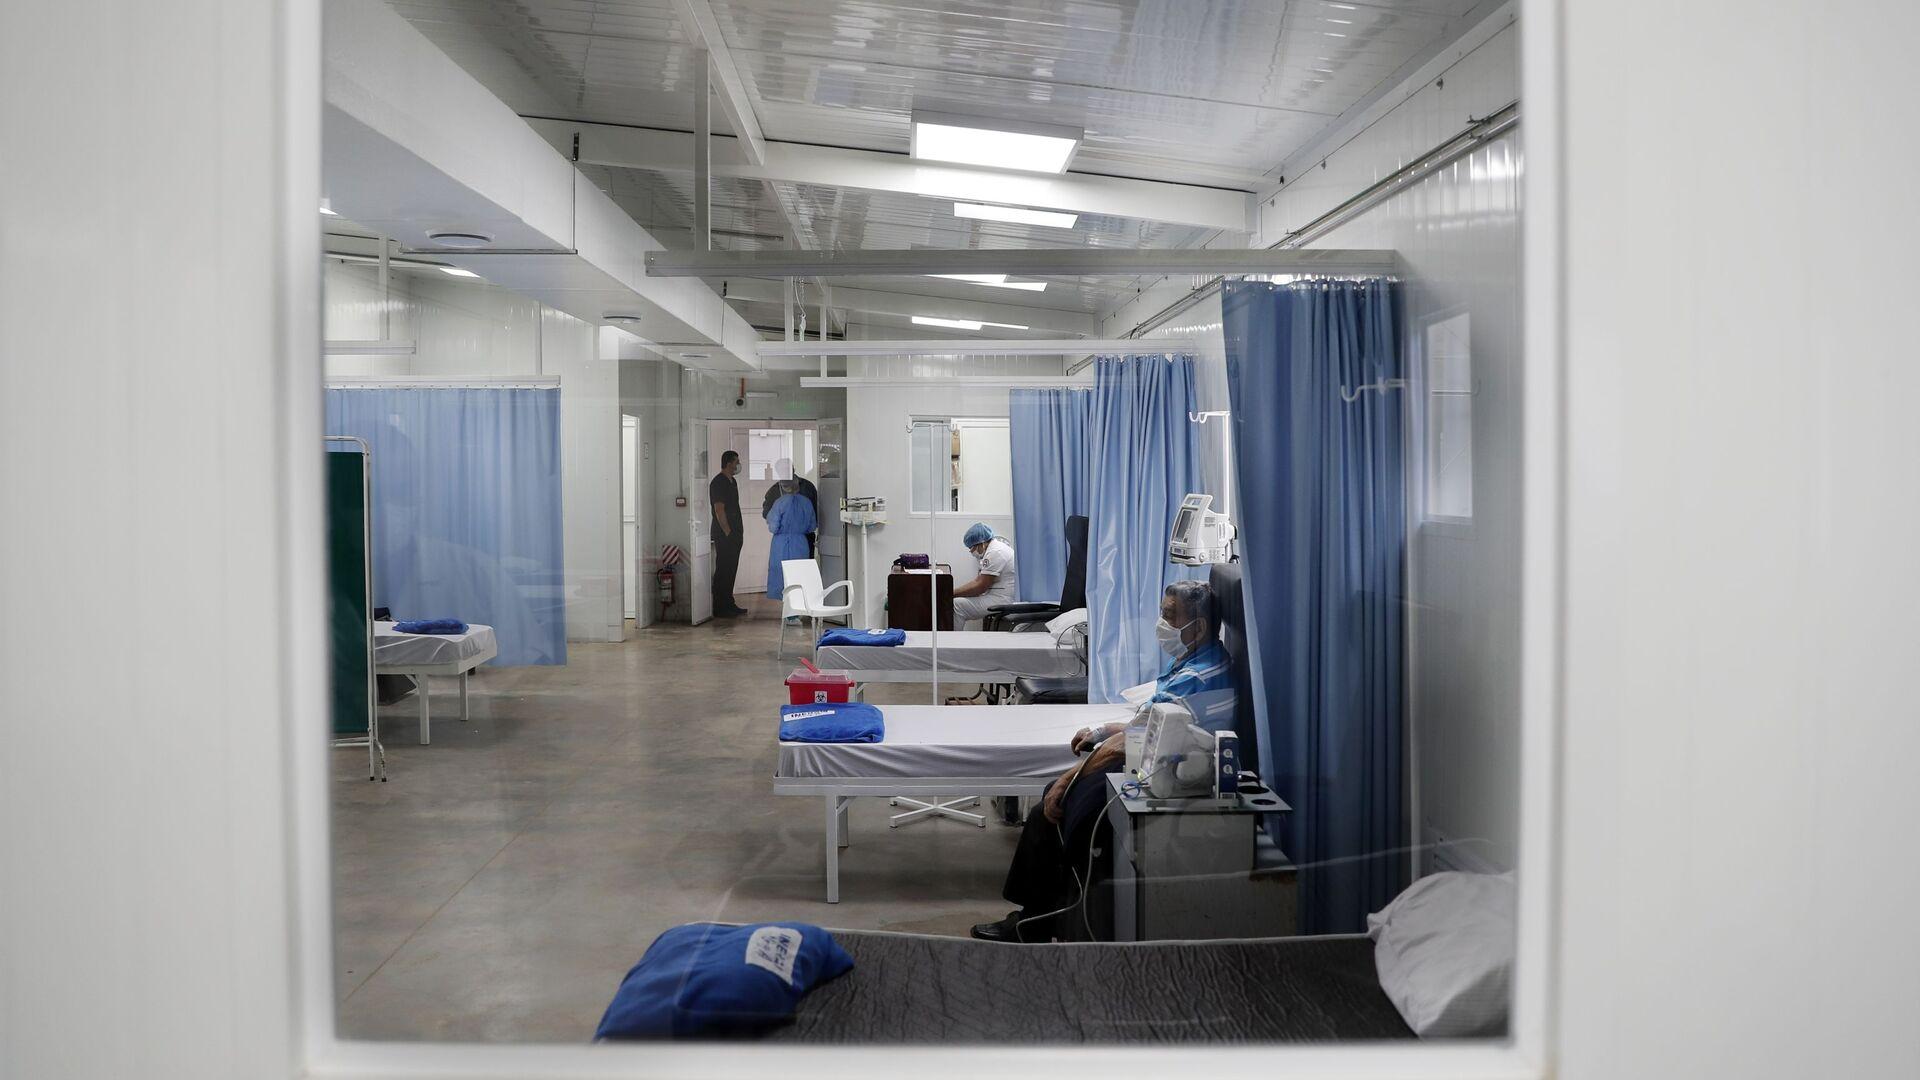 Un hospital para los pacientes con enfermedades respiratorias en Asunción, Paraguay - Sputnik Mundo, 1920, 21.03.2021